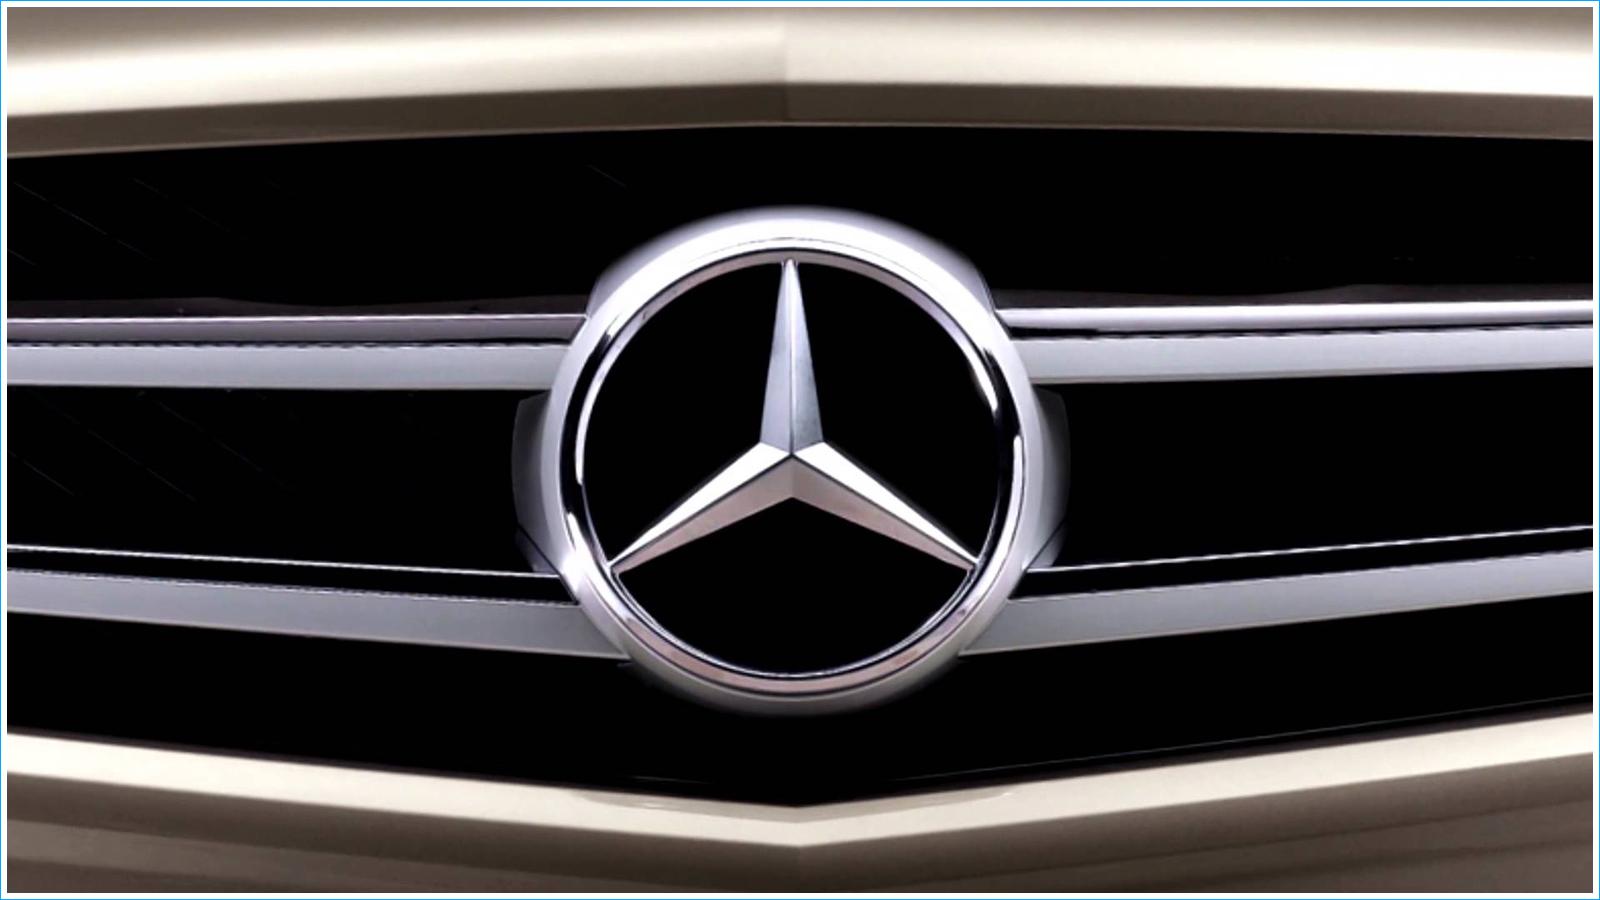 Le logo Mercedes-Benz | Les marques de voitures